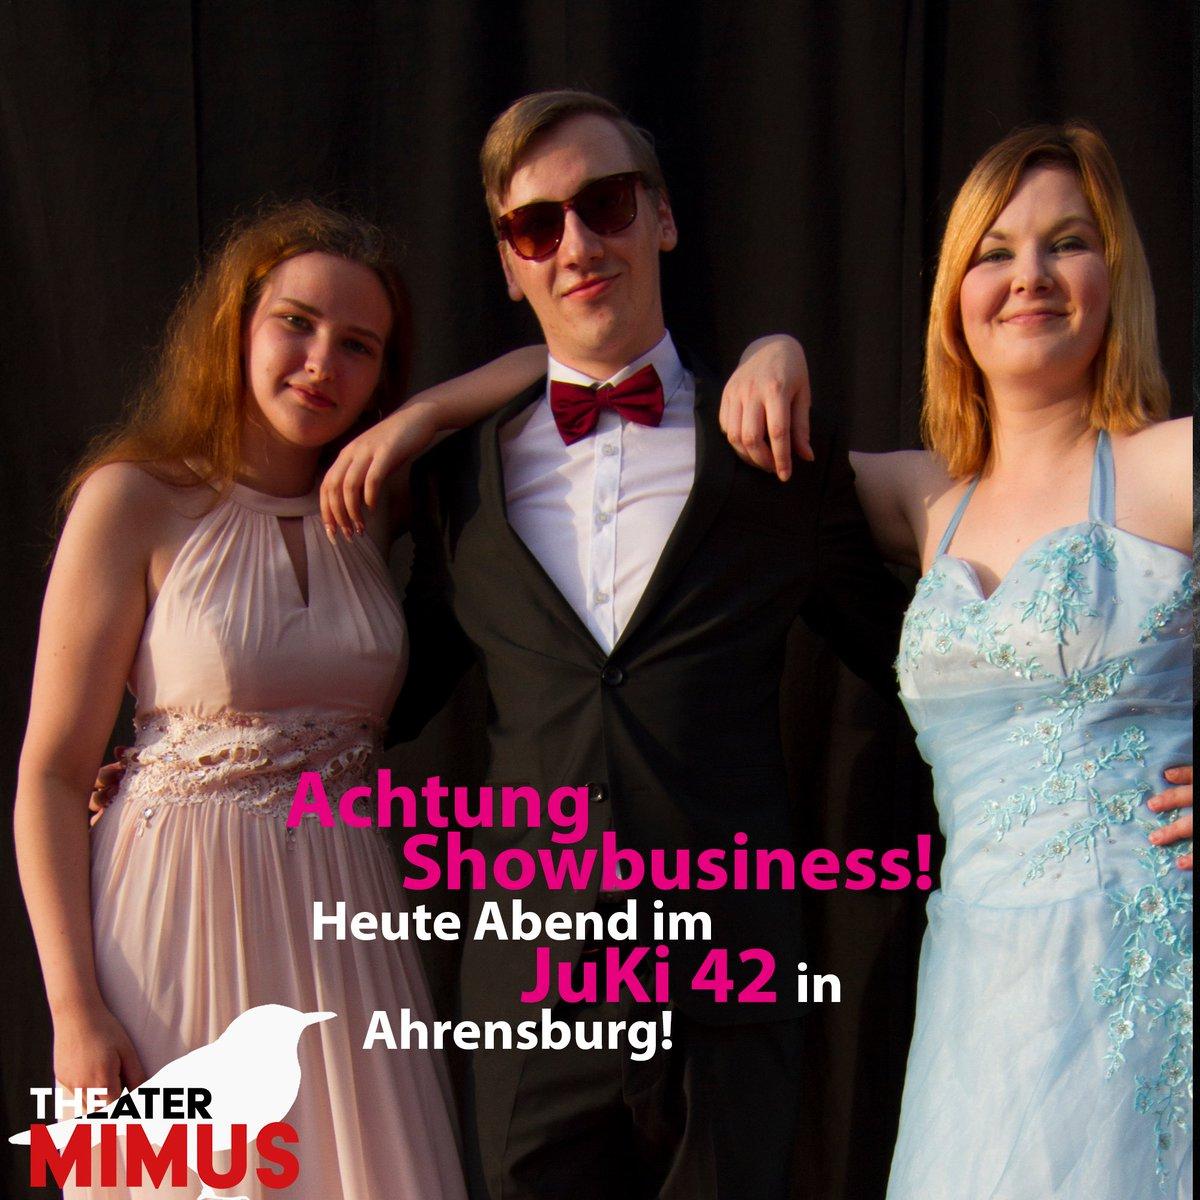 Heute Abend geht die Party weiter. Achtung Showbusiness im #juki42 in #ahrensburg . Karten gibt es an der Abendkasse. Einlass 19:30 Uhr. Alle Infos: http://www.theater-mimus.de | #theatermimus #impro #improvisationstheater #esgibtnochkarten #getthepartystarted #showbusiness #theaterpic.twitter.com/D44EPLjSQT